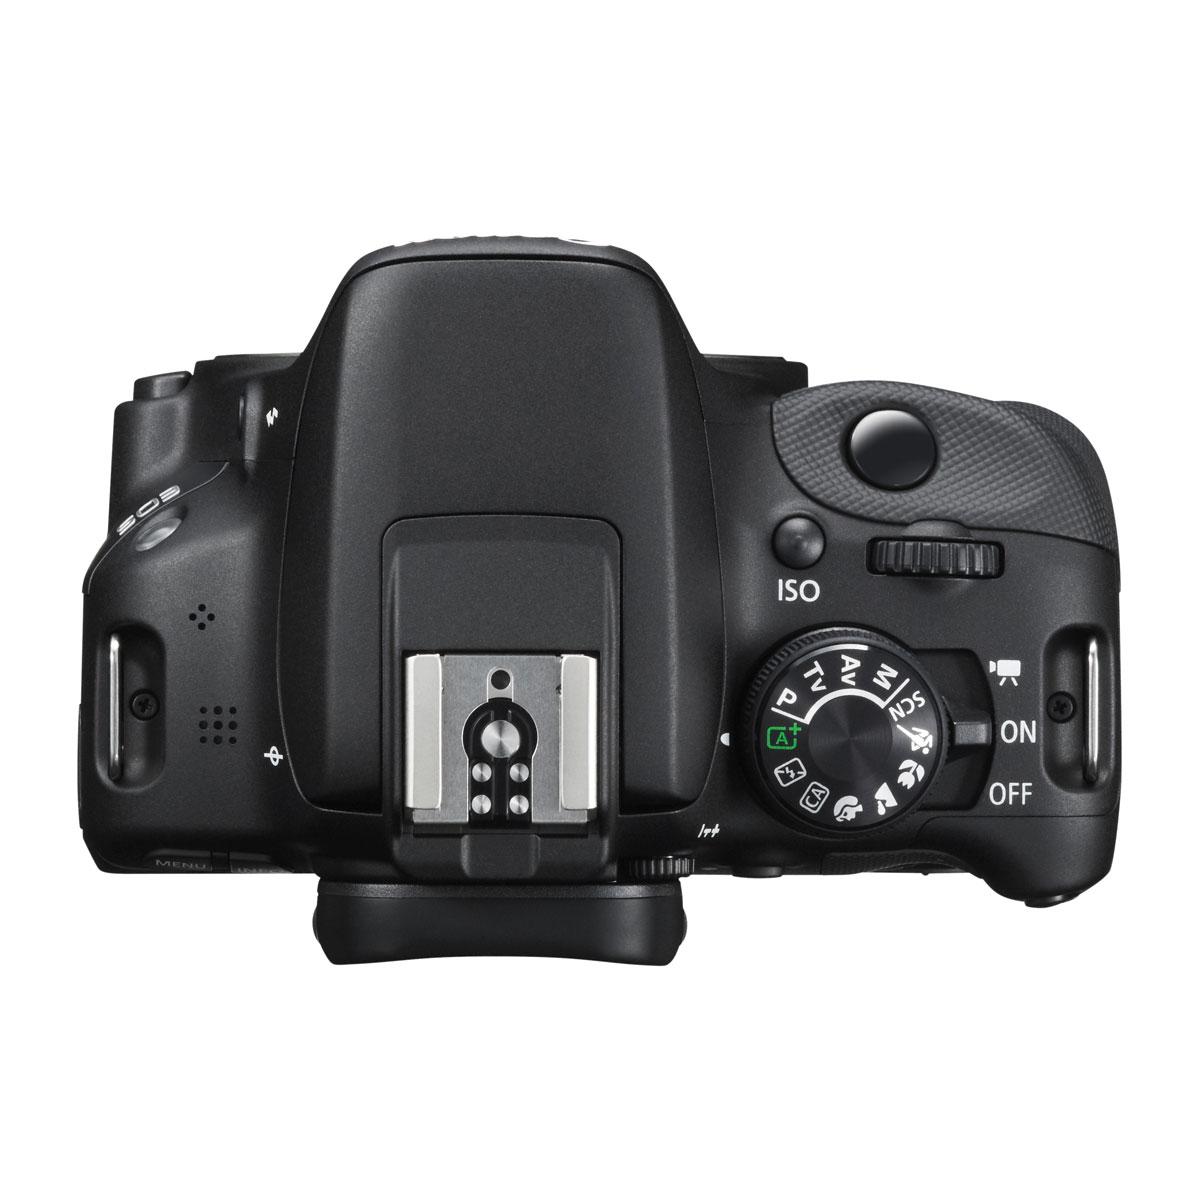 canon eos 100d appareil photo reflex canon sur. Black Bedroom Furniture Sets. Home Design Ideas